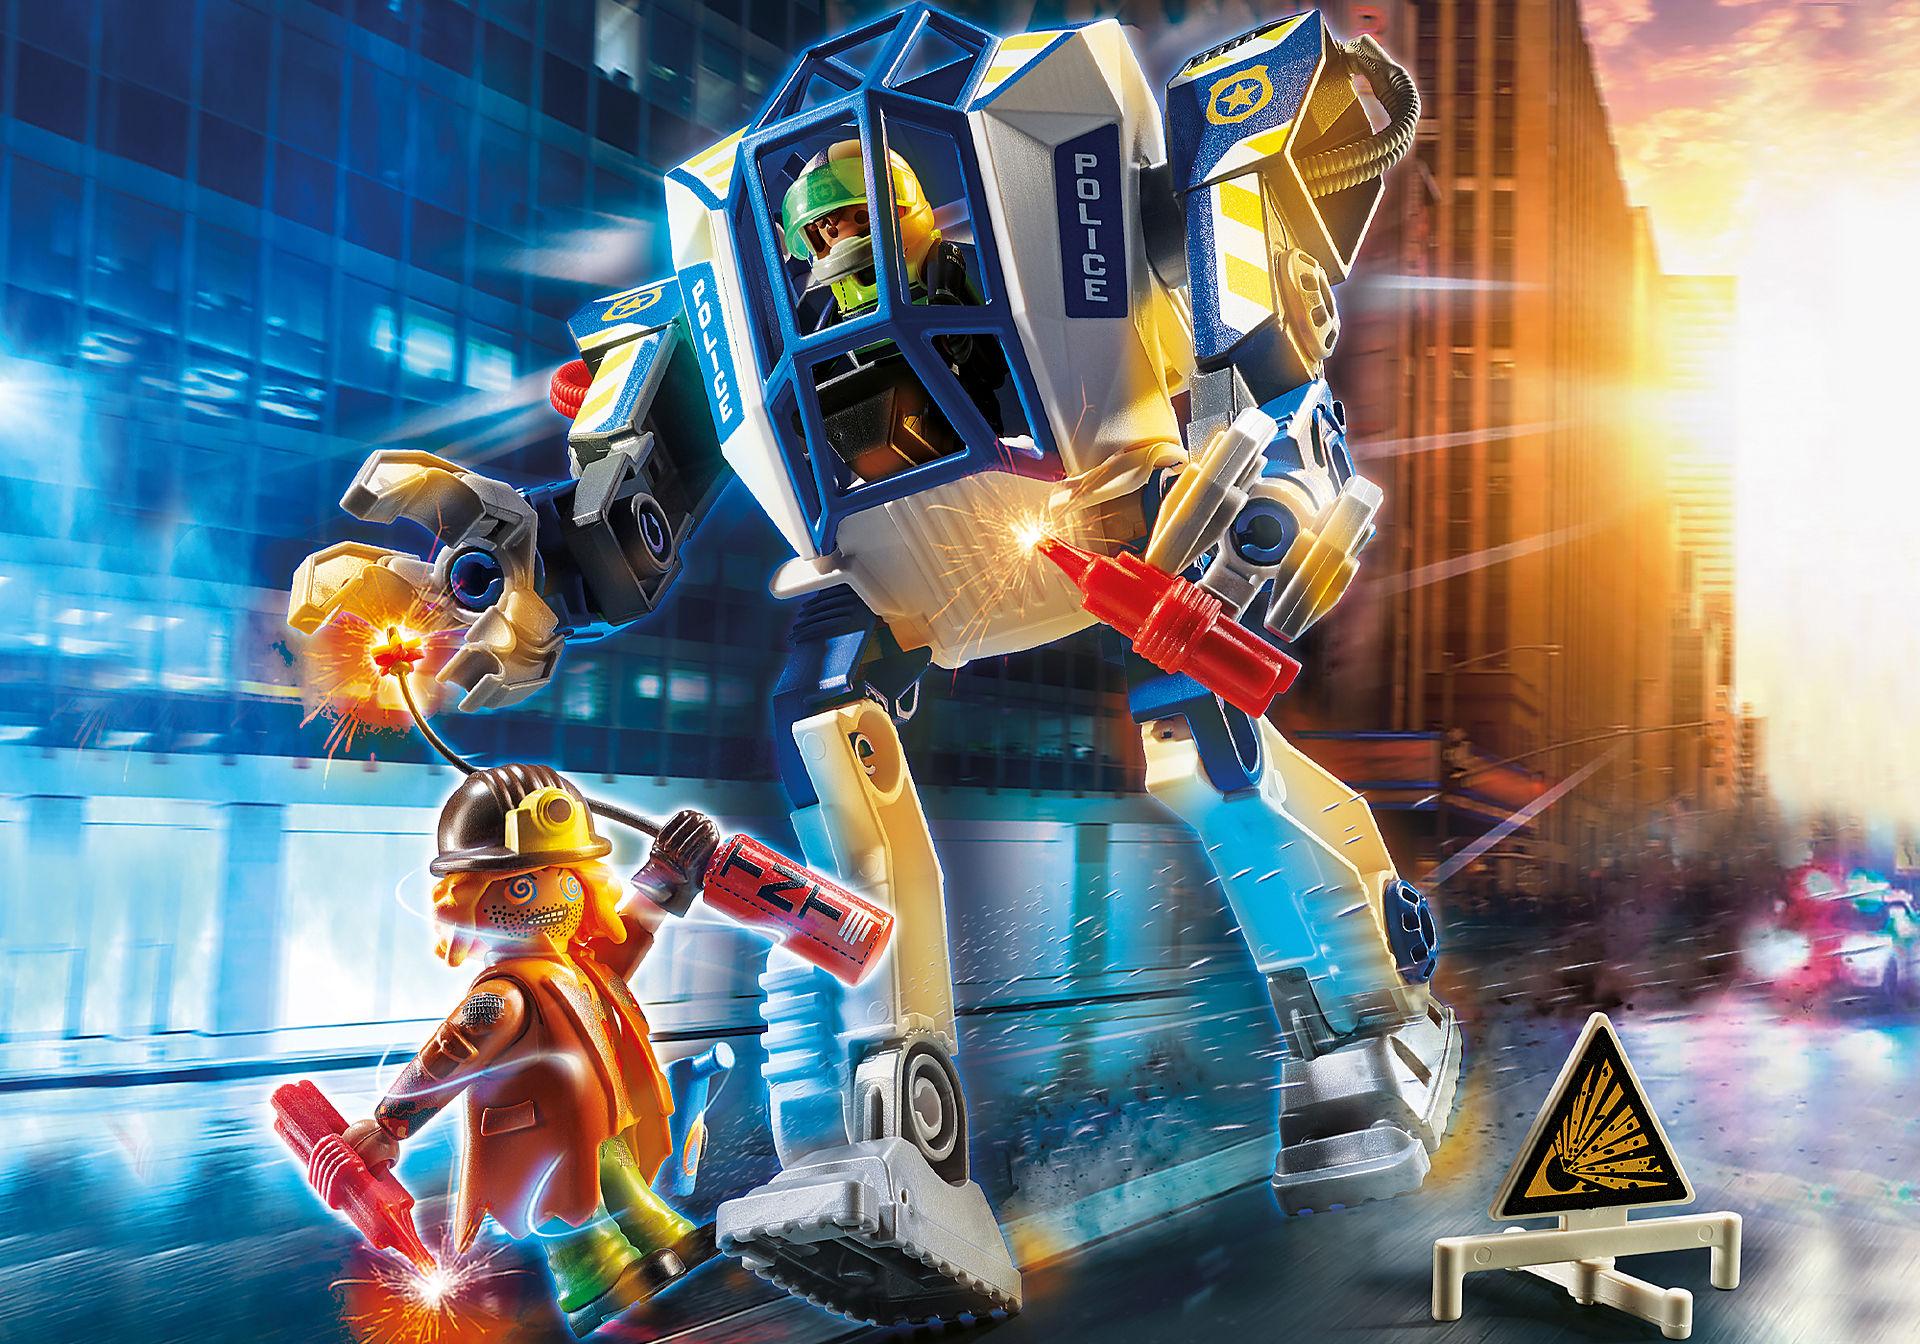 70571 Policyjny robot: Akcja specjalna zoom image1